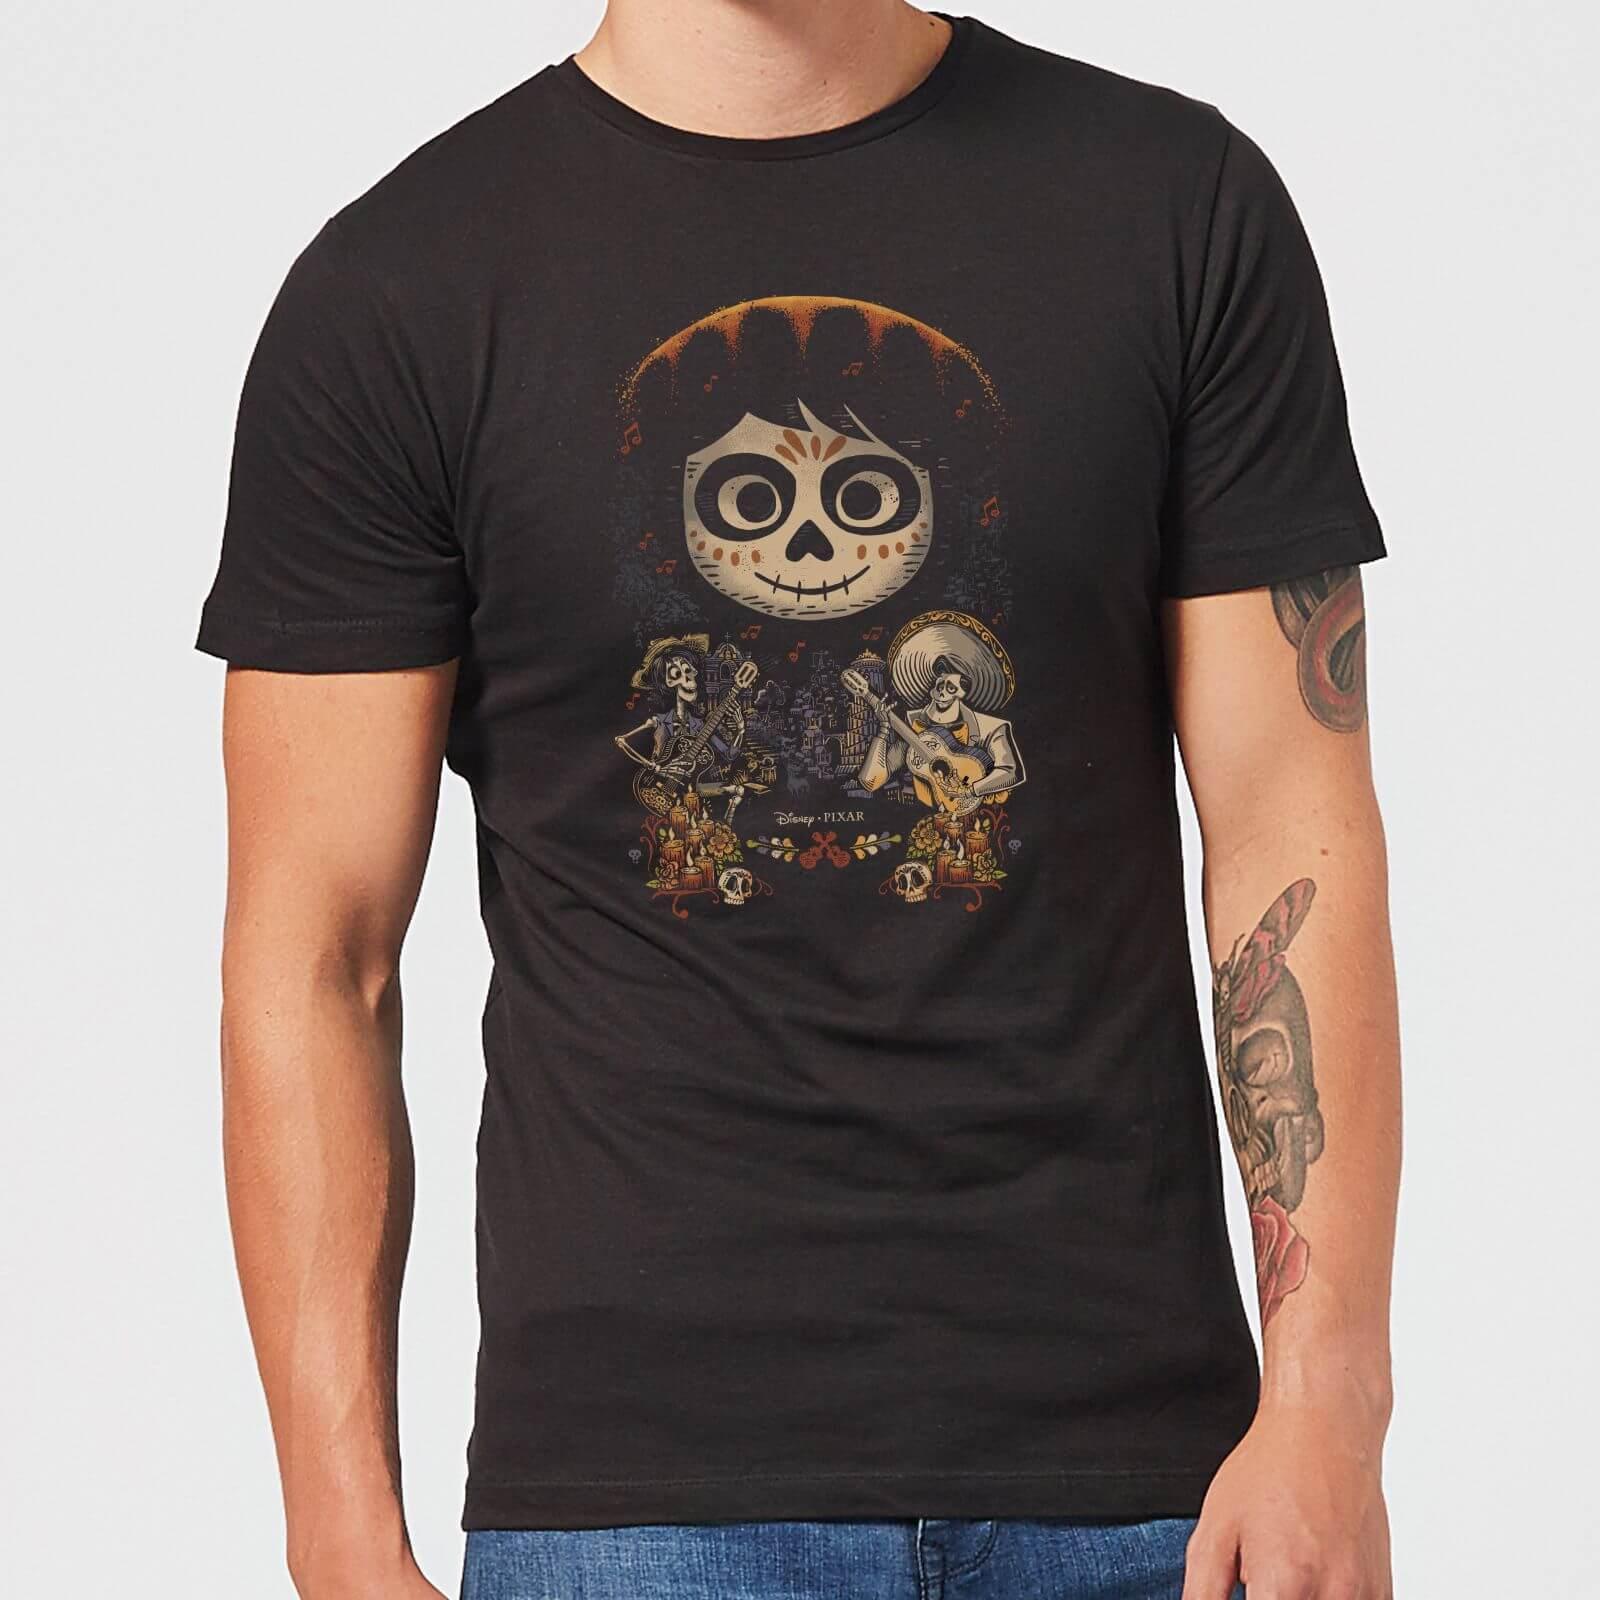 Pixar T-Shirt Homme Visage Miguel Poster Coco - Noir - XXL - Noir